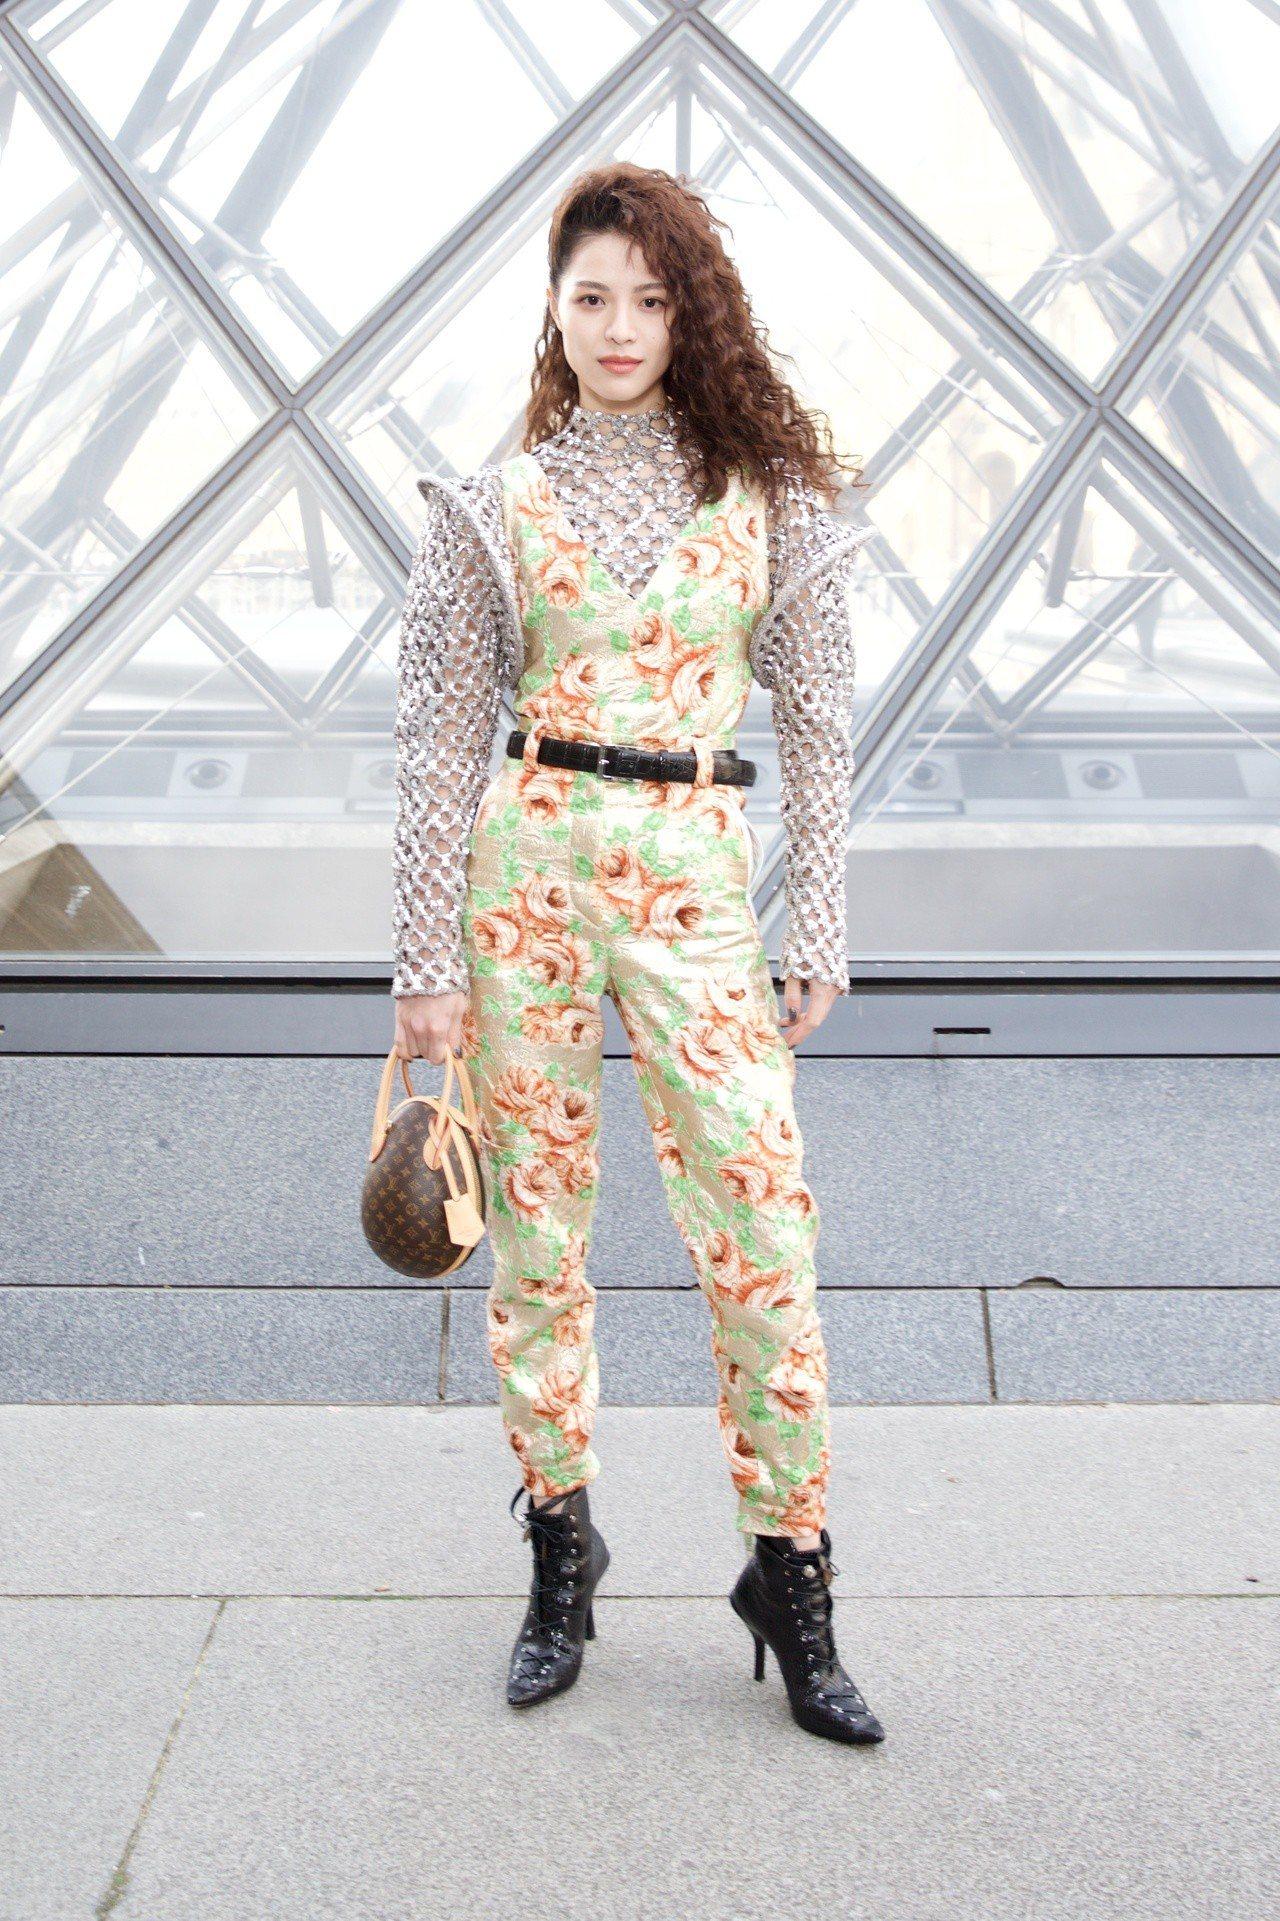 鍾楚曦以未來感為設計概念的2019春夏褲裝出席。圖/LV提供